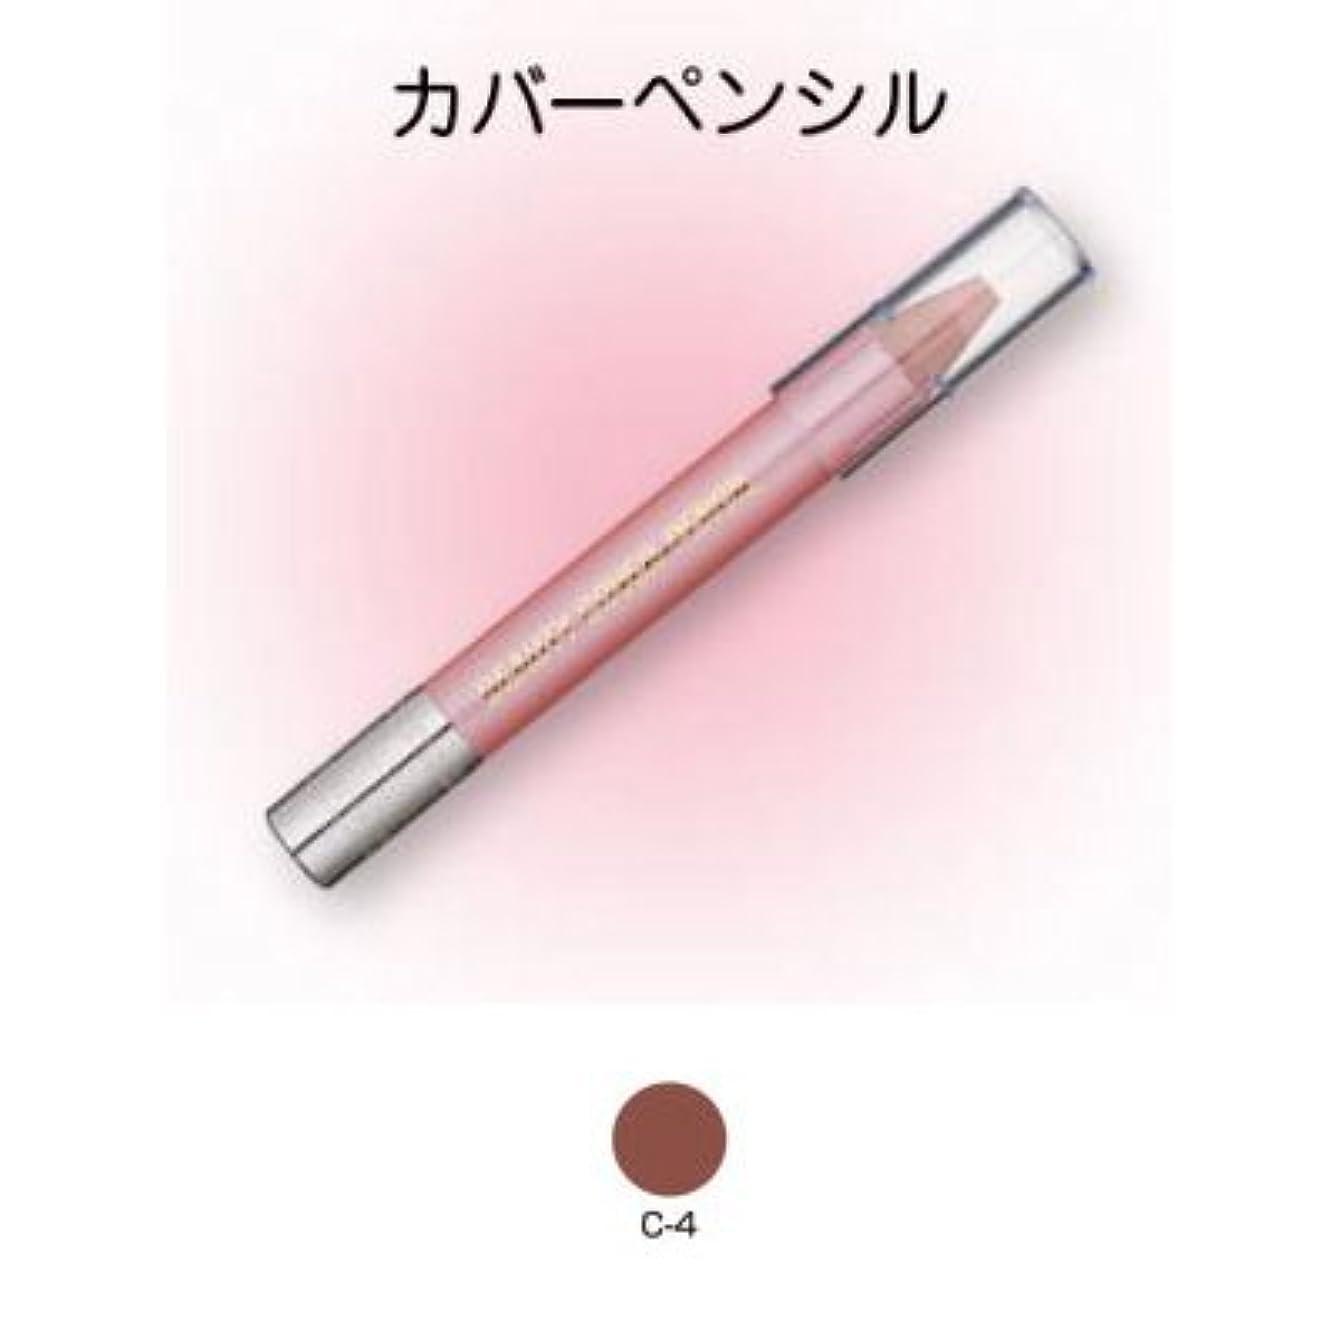 口述食物バストビューティーカバーペンシル C-4【三善】